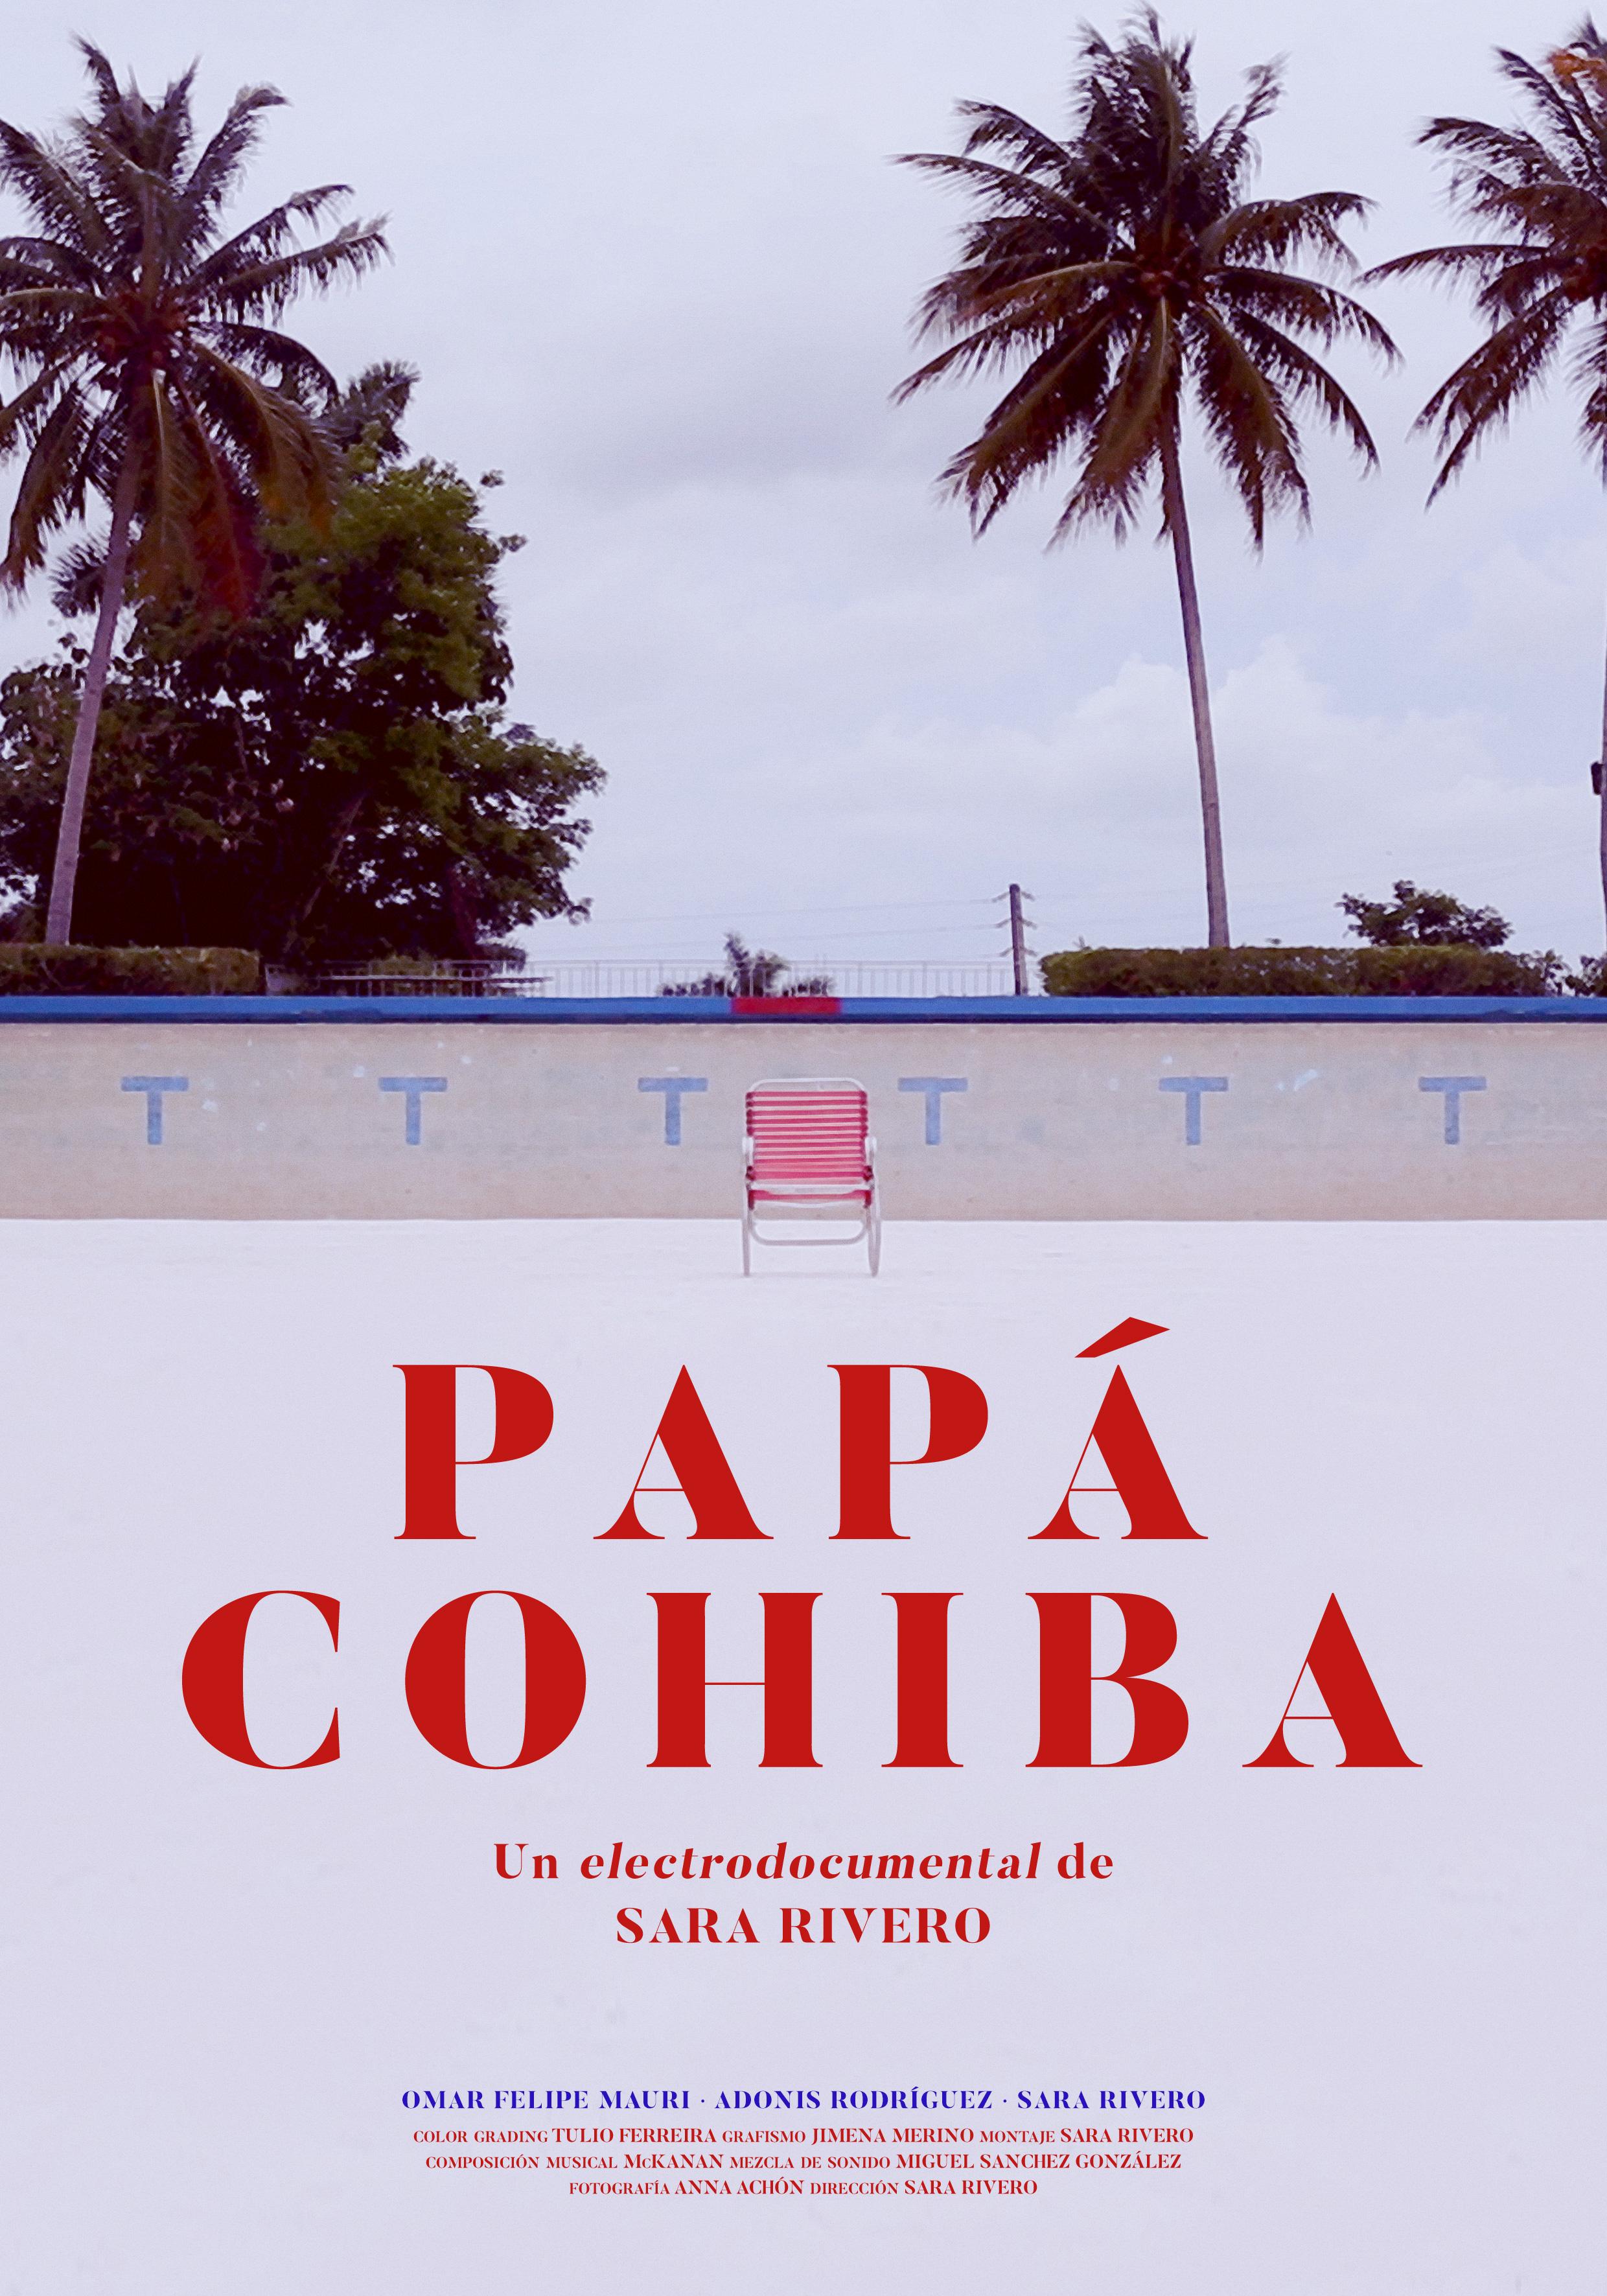 Papá Cohiba - Sara Rivero